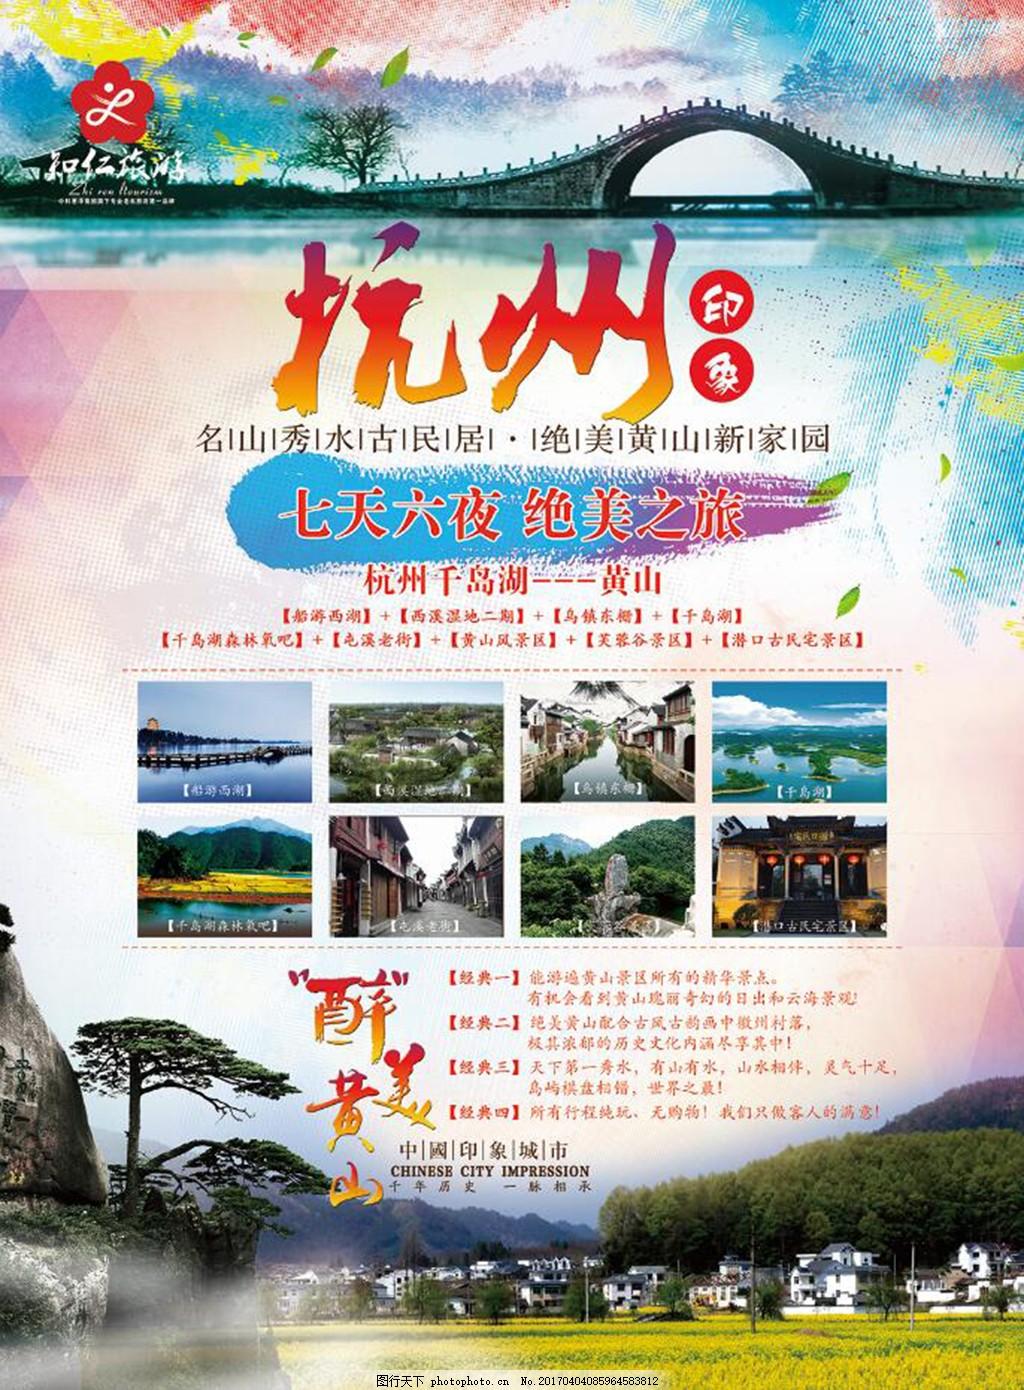 旅游海报 单页 黄山 杭州 千岛湖 乌镇 西湖 最美